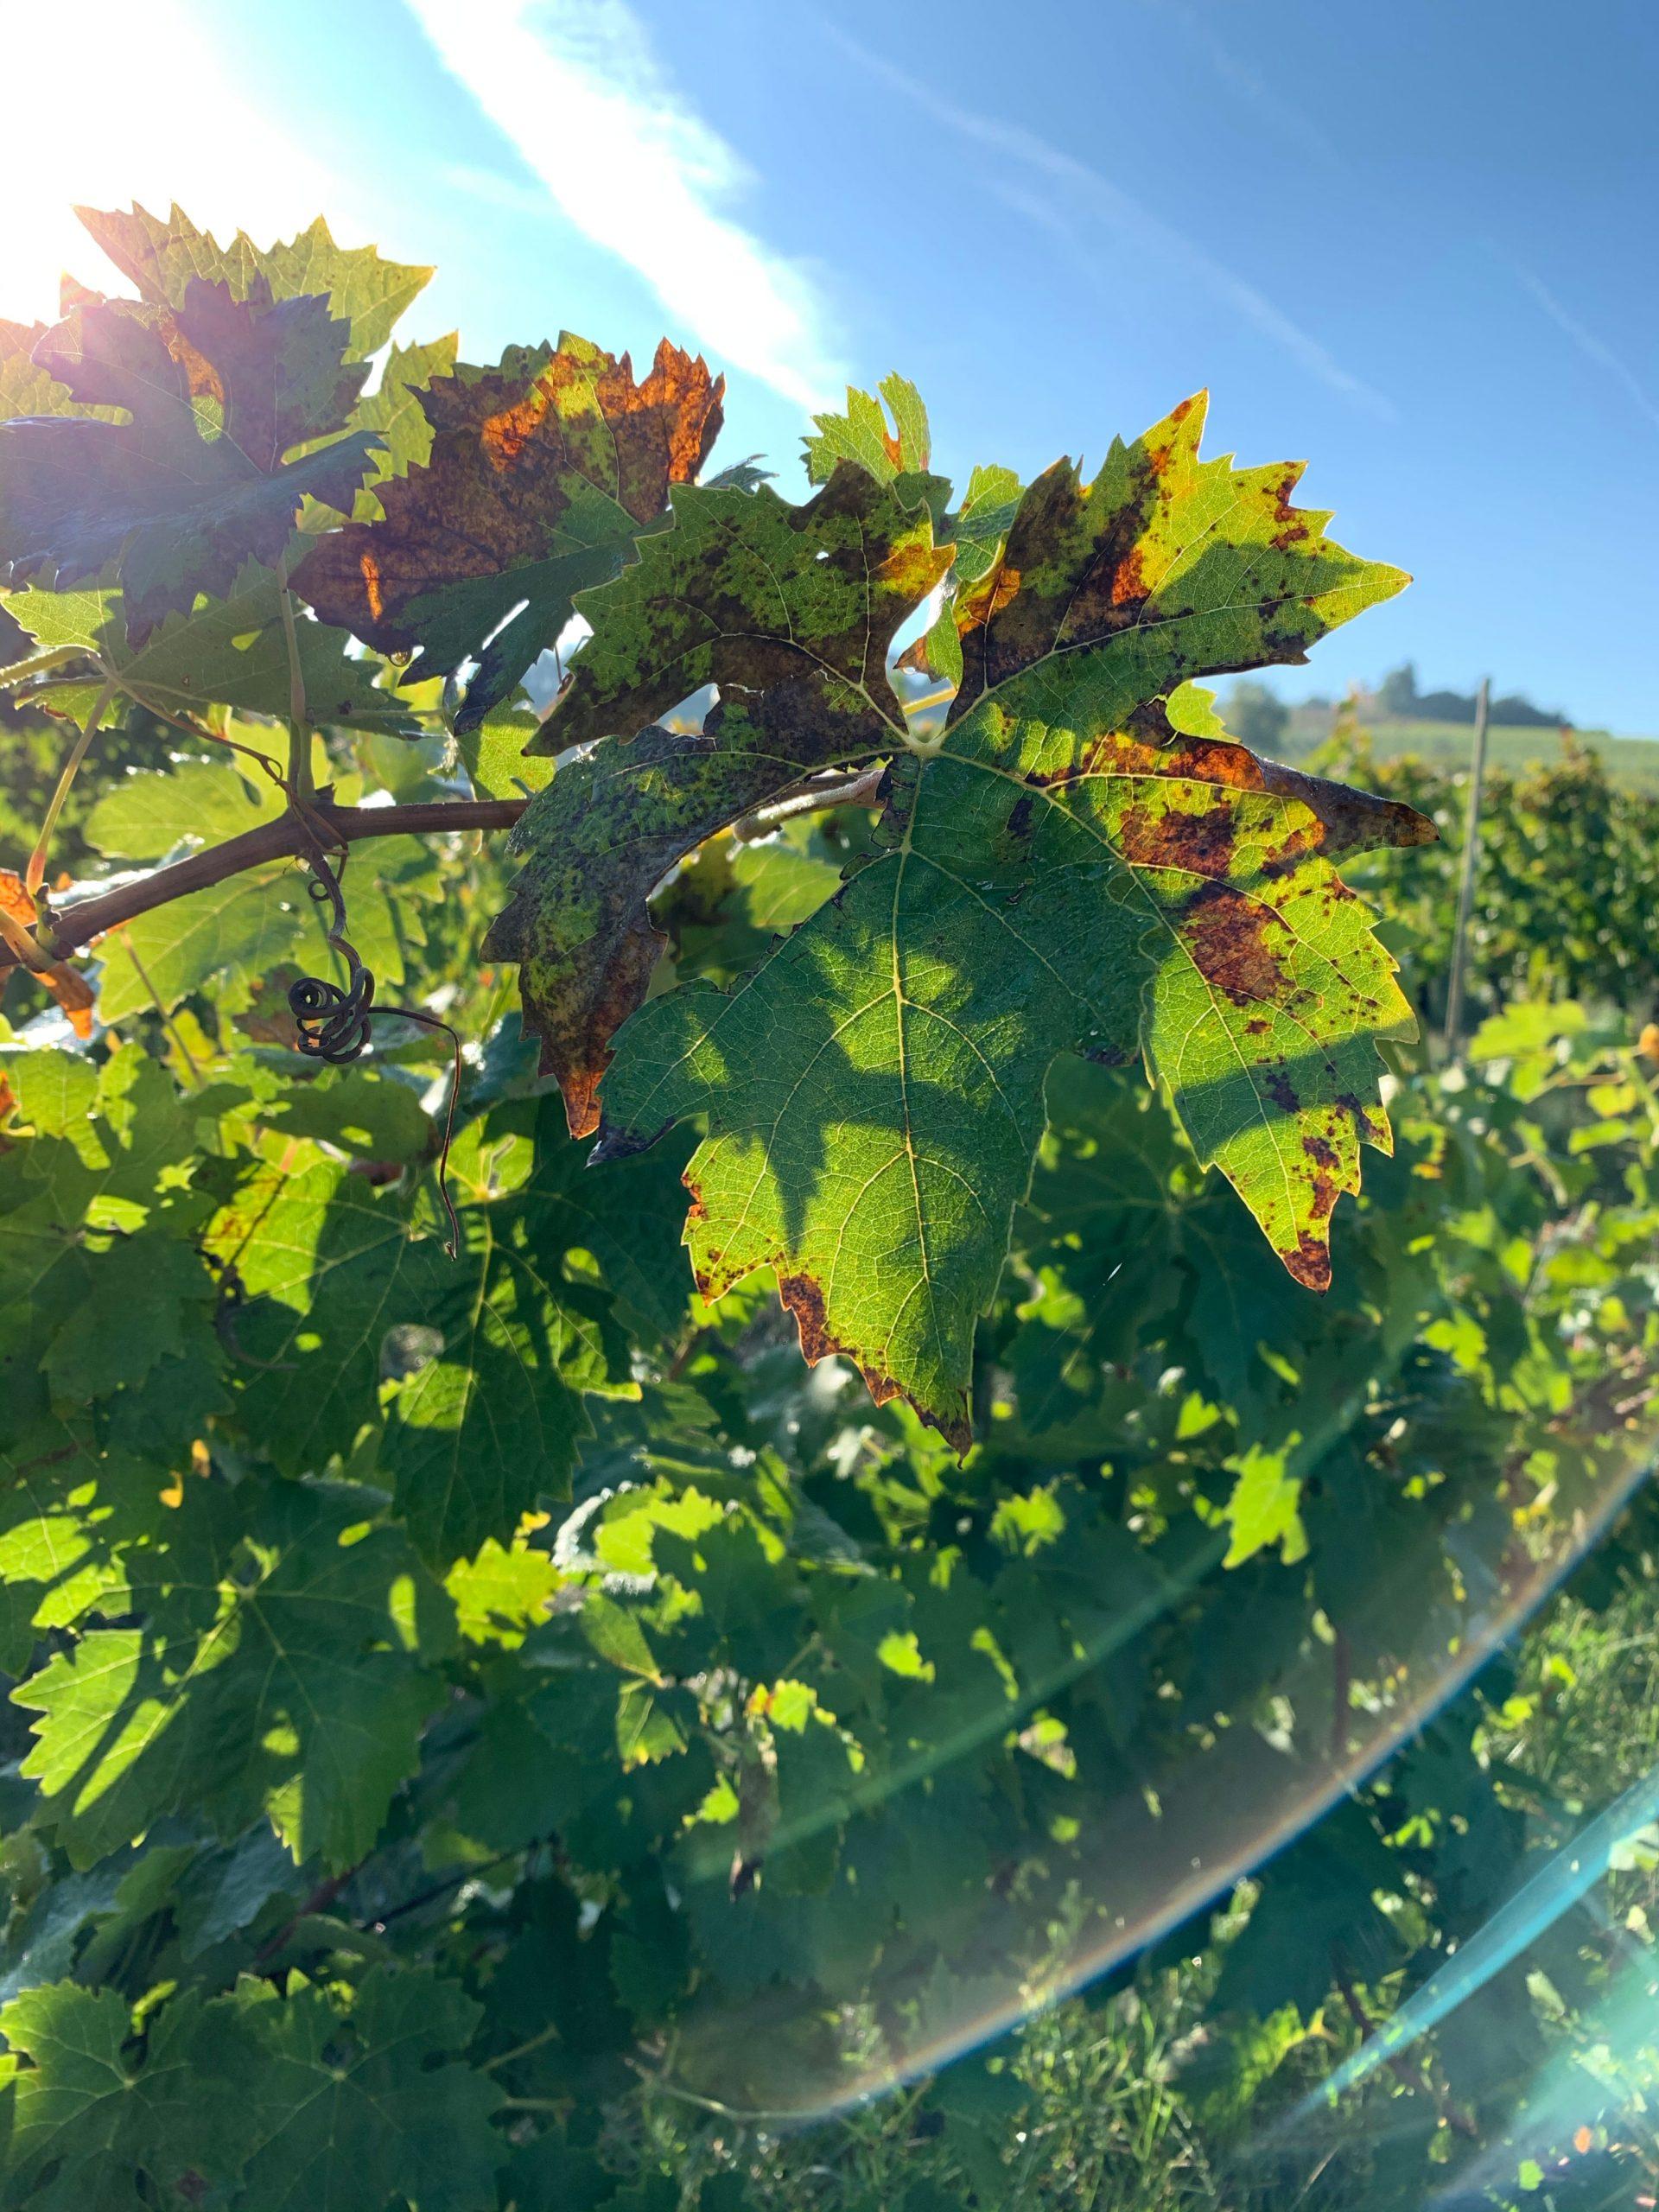 Miglior vino rosso: la mia classifica dei toscani